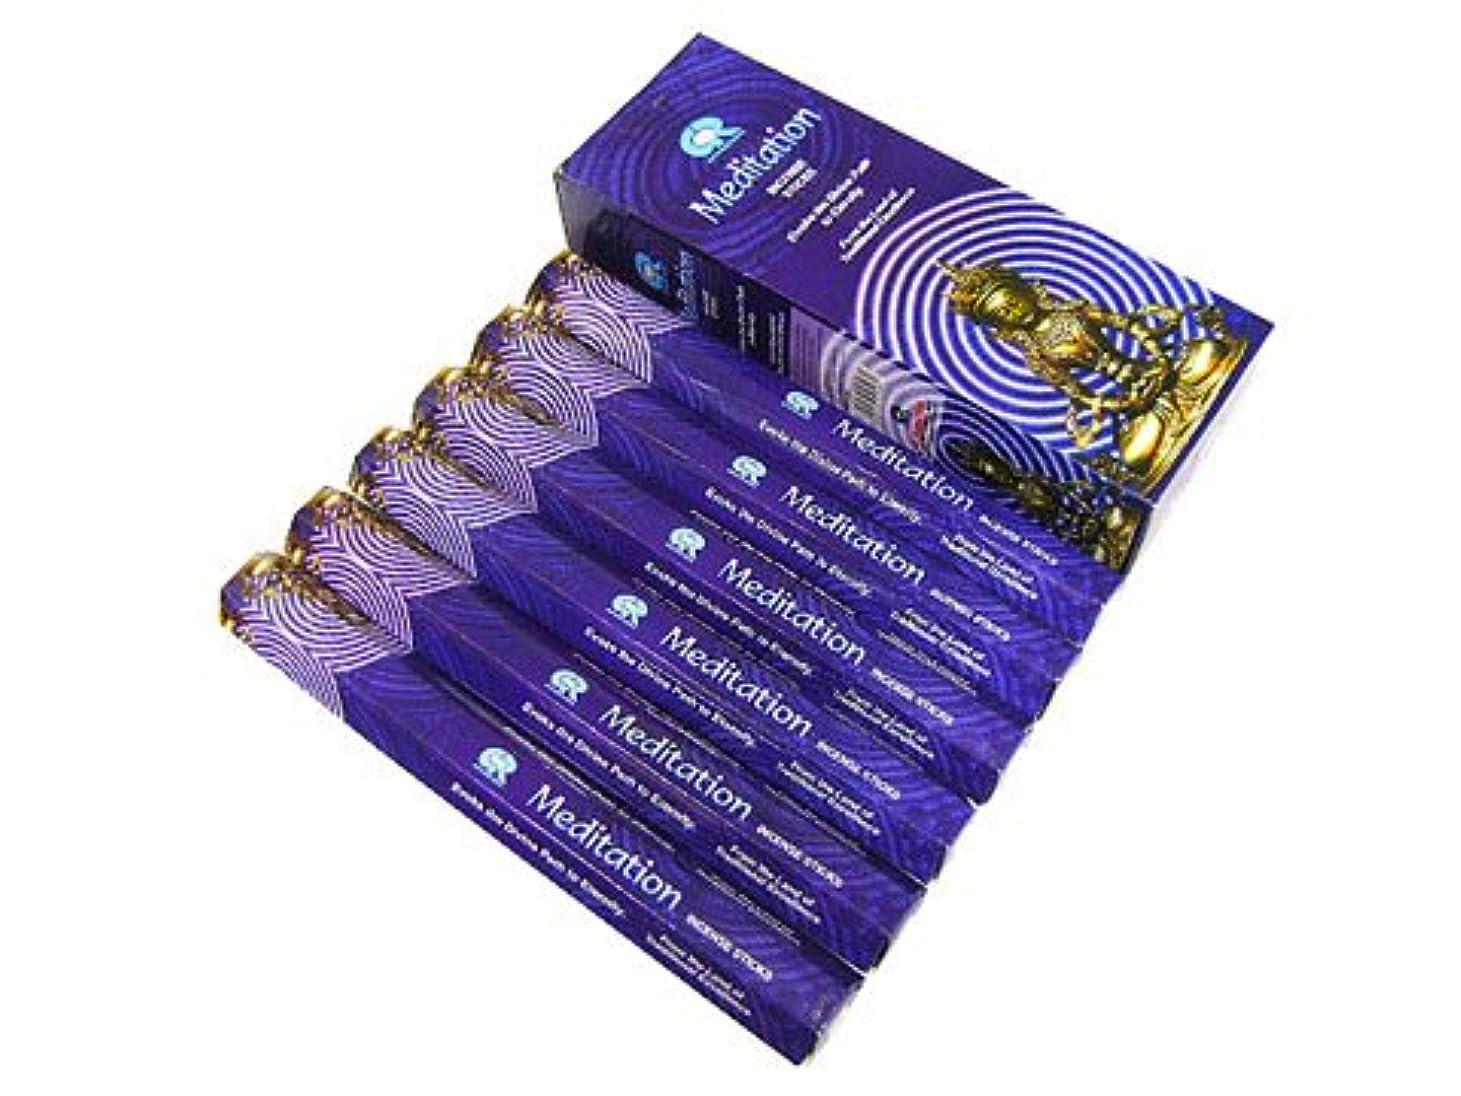 頬骨取り替えるびっくりするG.R.INTERNATIONAL(ジーアールインターナショナル) メディテーション香 スティック MEDITATION 6箱セット